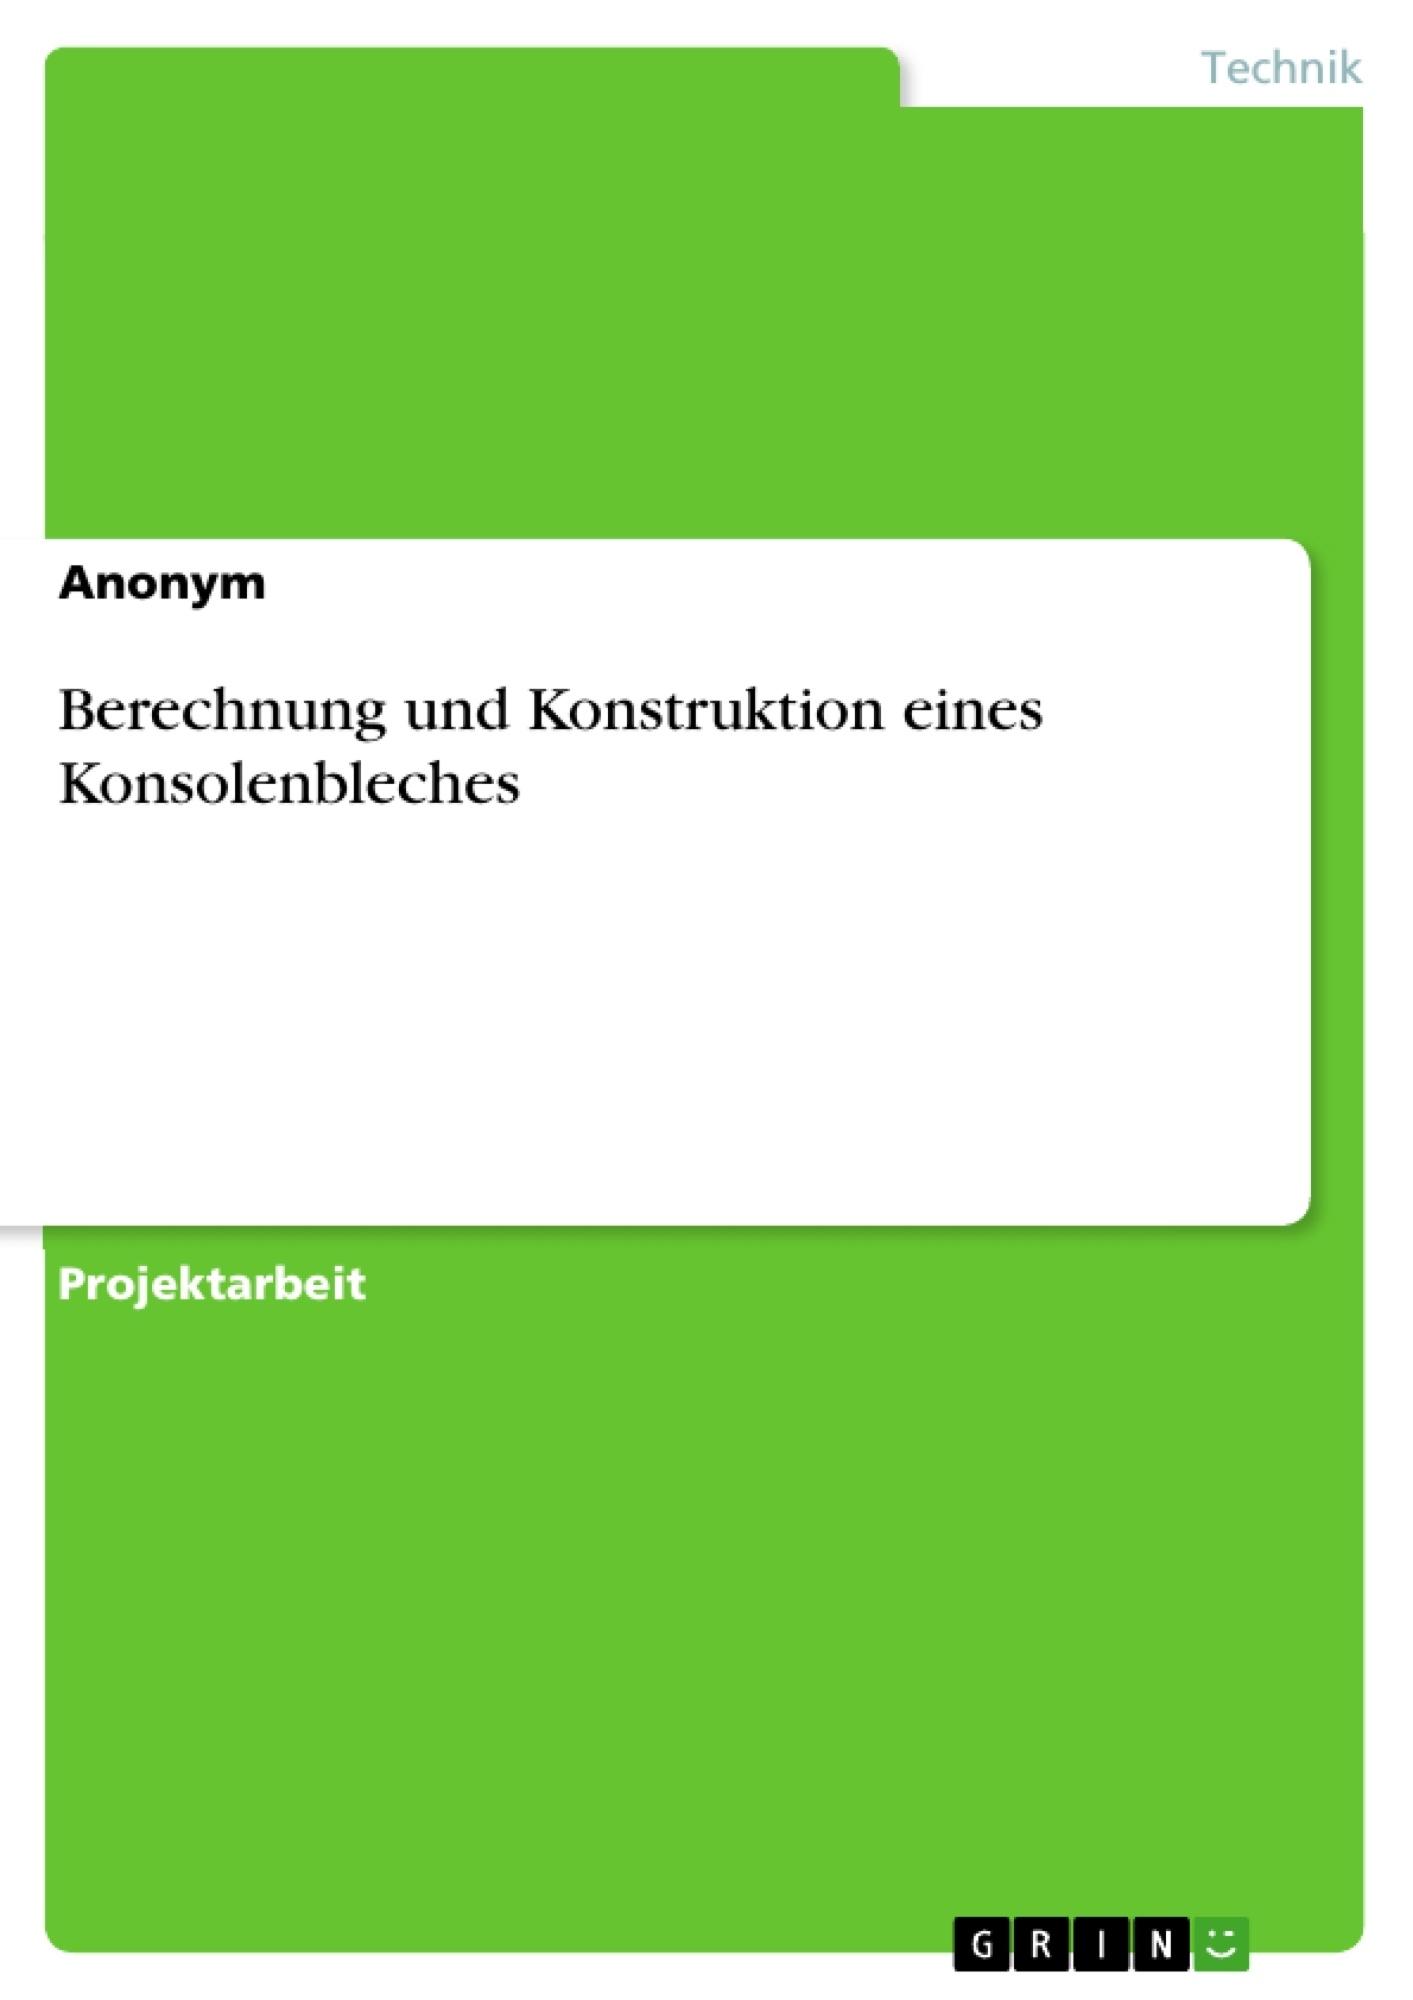 Titel: Berechnung und Konstruktion eines Konsolenbleches